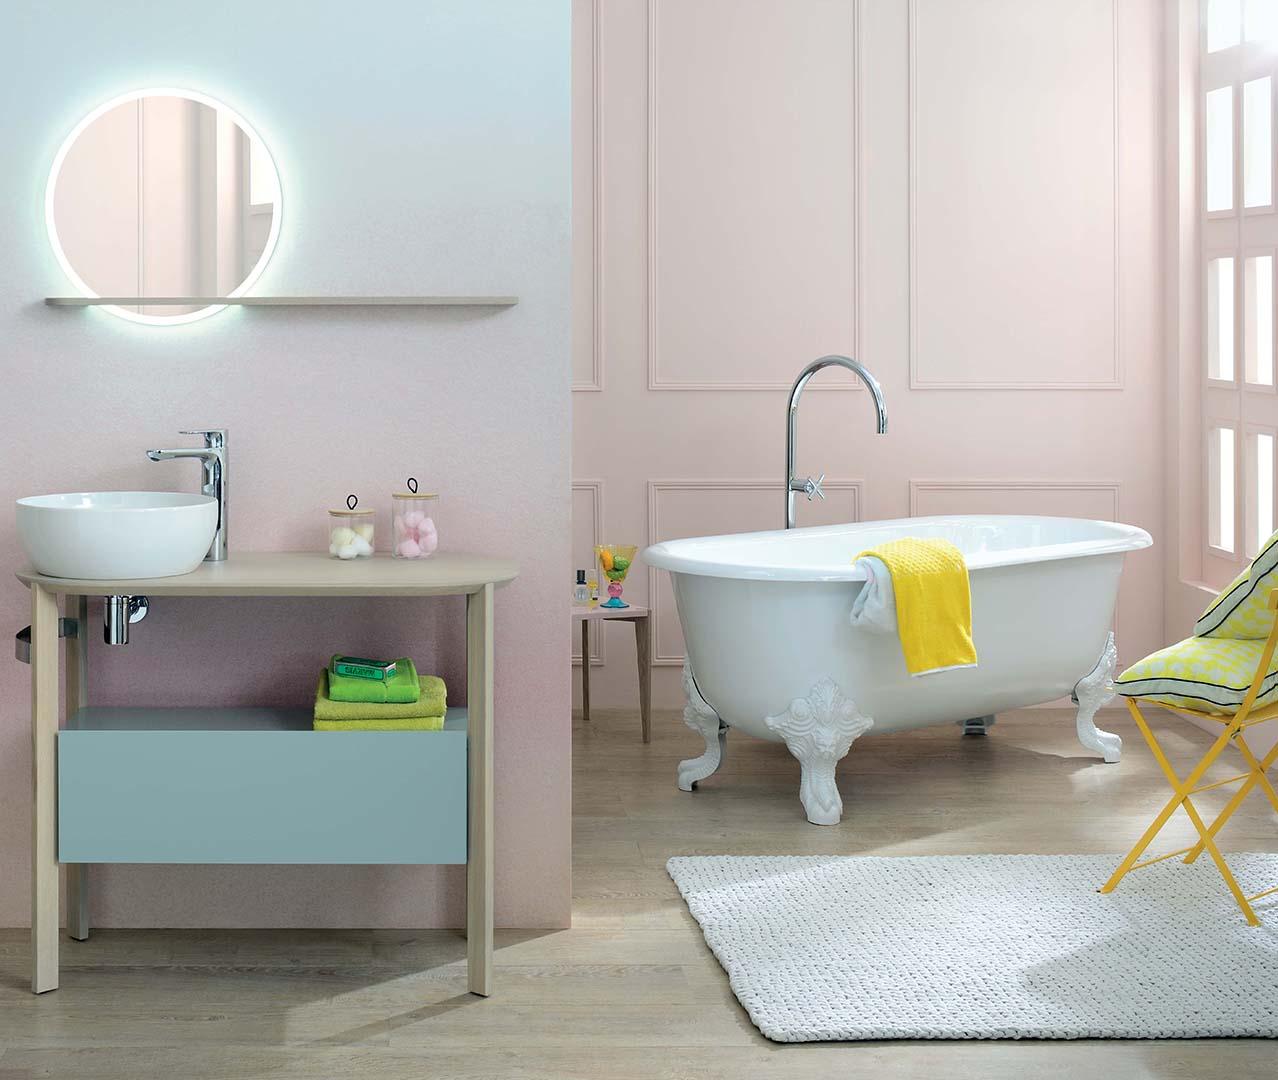 Gamme sacha meuble salle de bain r tro sanijura for Configurer une salle de bain